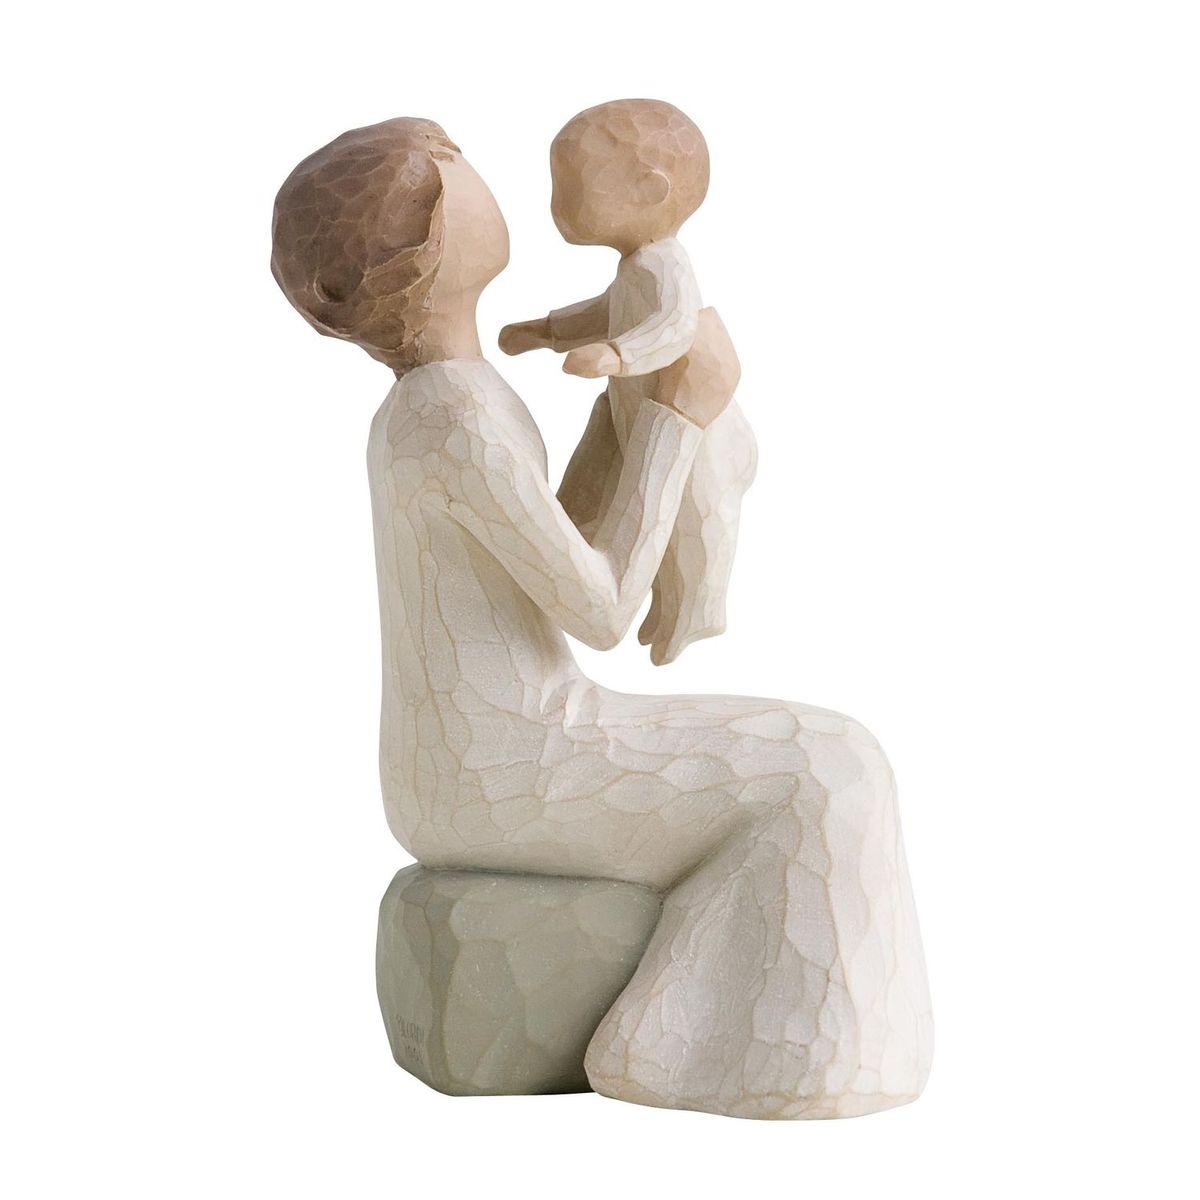 Фигурка Willow Tree Бабушка, 14,5 см26072Эти прекрасные статуэтки созданы канадским скульптором Сьюзан Лорди. Каждая фигурка – это настоящее произведение искусства, образная скульптура в миниатюре, изображающая эмоции и чувства, которые помогают нам чувствовать себя ближе к другим, верить в мечту, выражать любовь. Каждая фигурка помещена в красивую упаковку. Купить такой оригинальный подарок, значит не только украсить интерьер помещения или жилой комнаты, но выразить свое глубокое отношение к любимому человеку. Этот прекрасный сувенир будет лучшим подарком на день ангела, именины, день рождения, юбилей. Материал: Искусственный камень (49% карбонат кальция мелкозернистой разновидности, 51% искусственный камень)